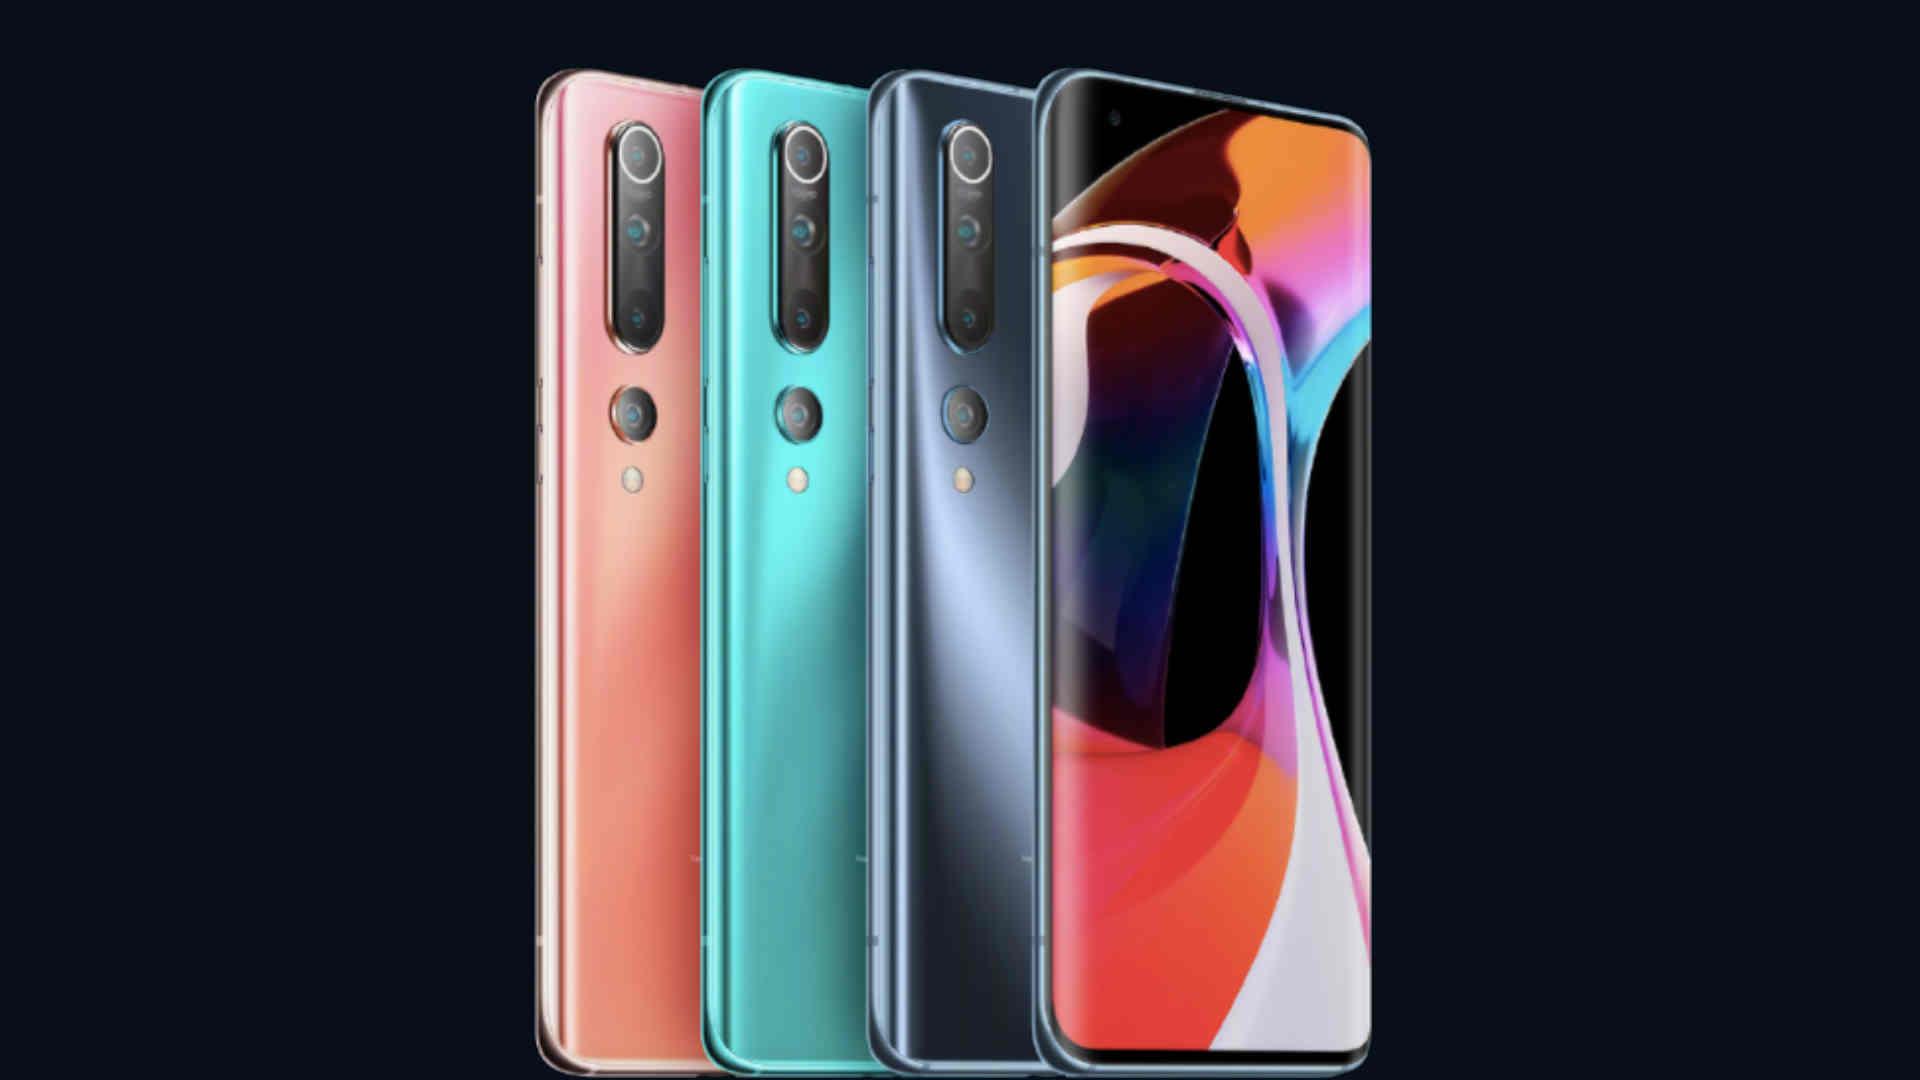 Không còn giá rẻ nữa, Xiaomi sẽ thách thức Huawei ở phân khúc cao cấp